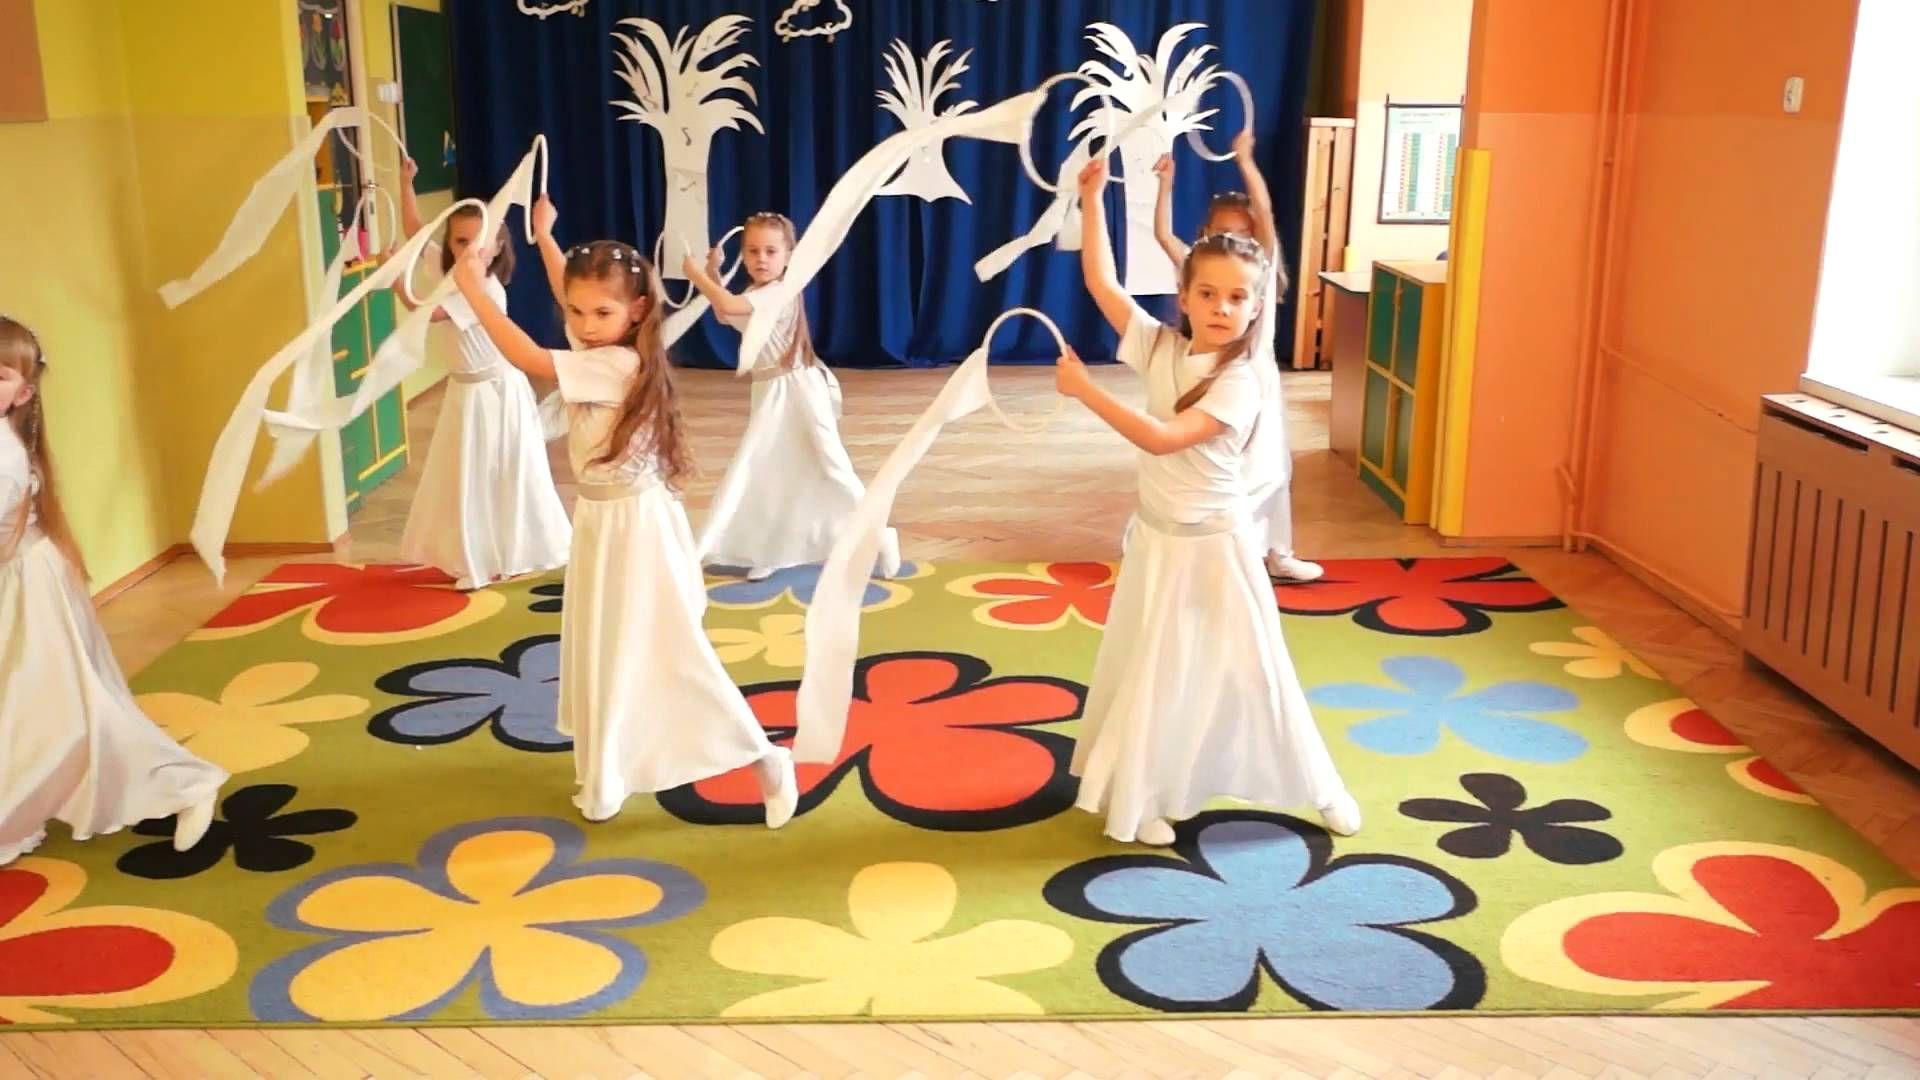 Taniec Nie Ynek With Images